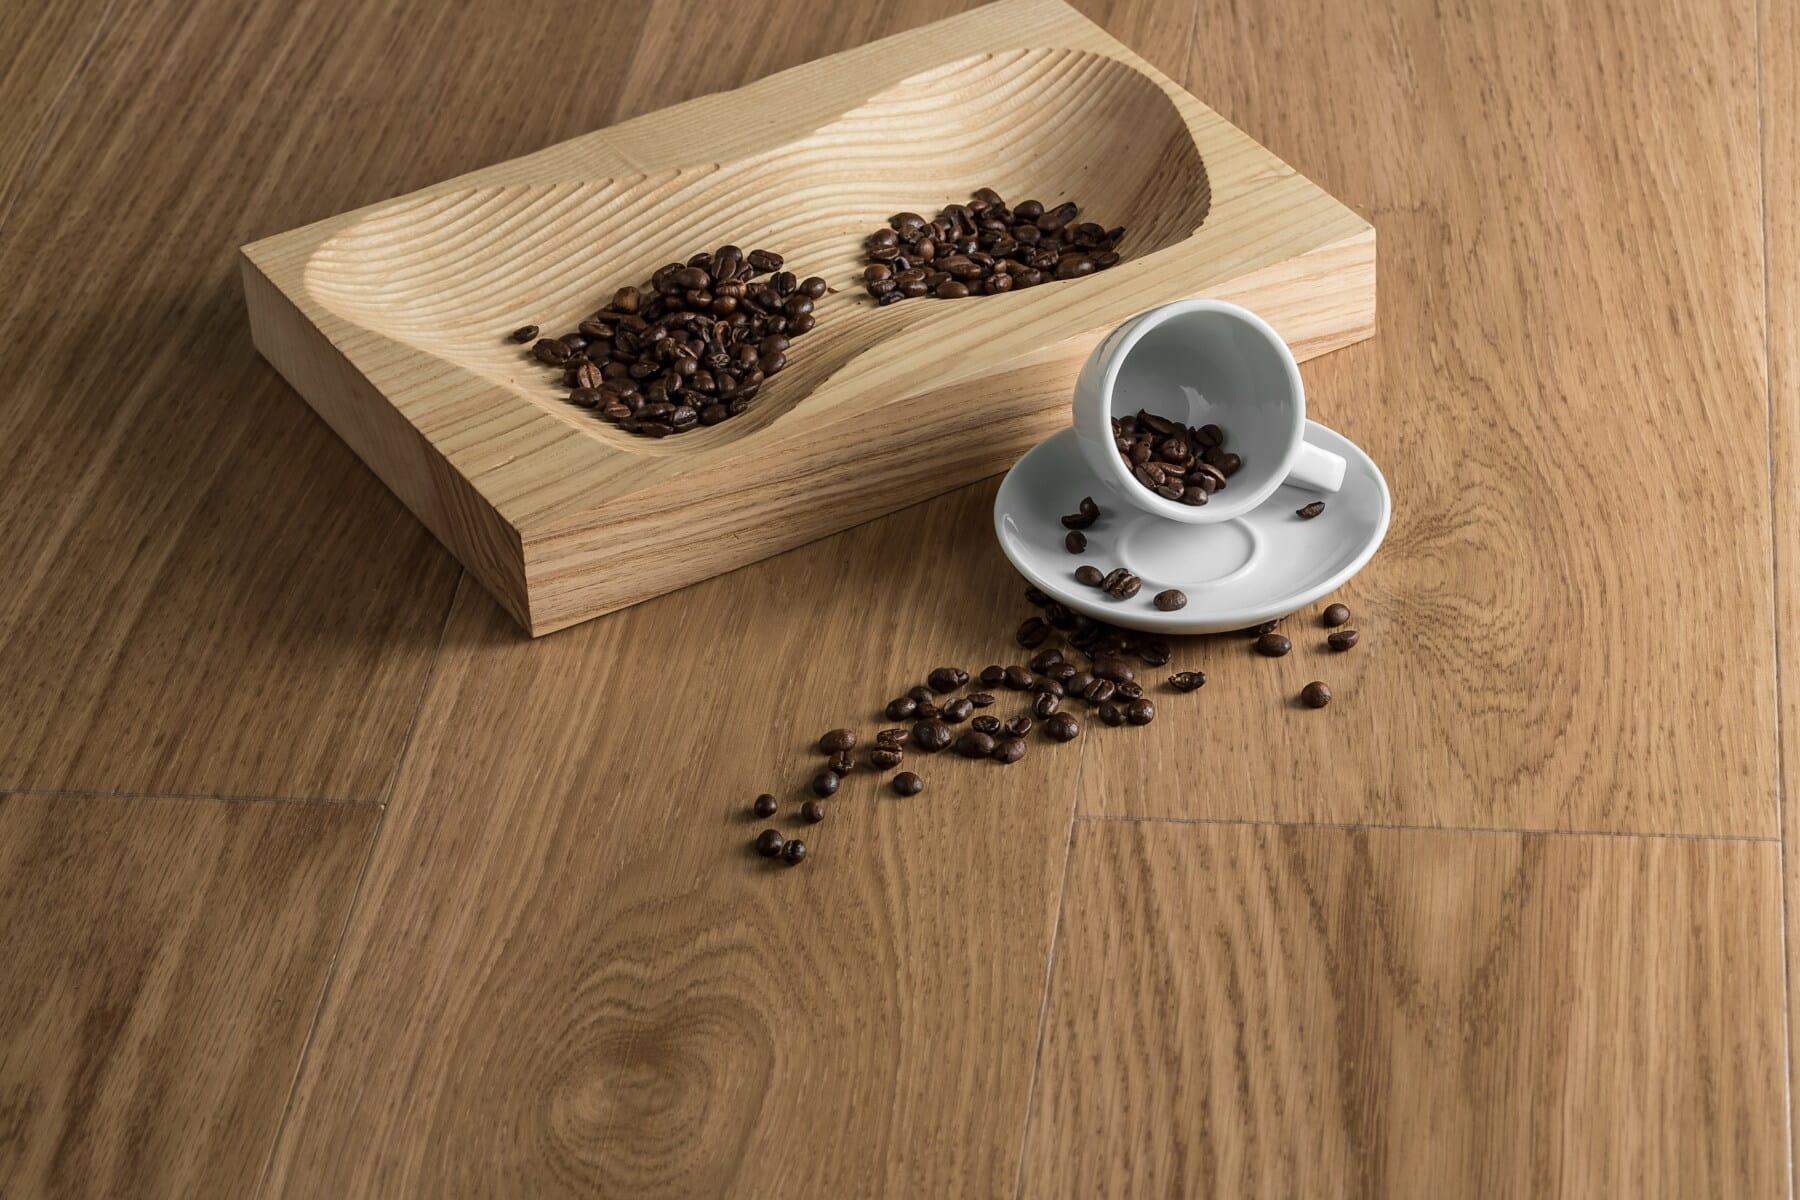 семена, тъмно, печено, кафе, чаша за кафе, кафяв, капучино, аромат, дървен материал, кофеин